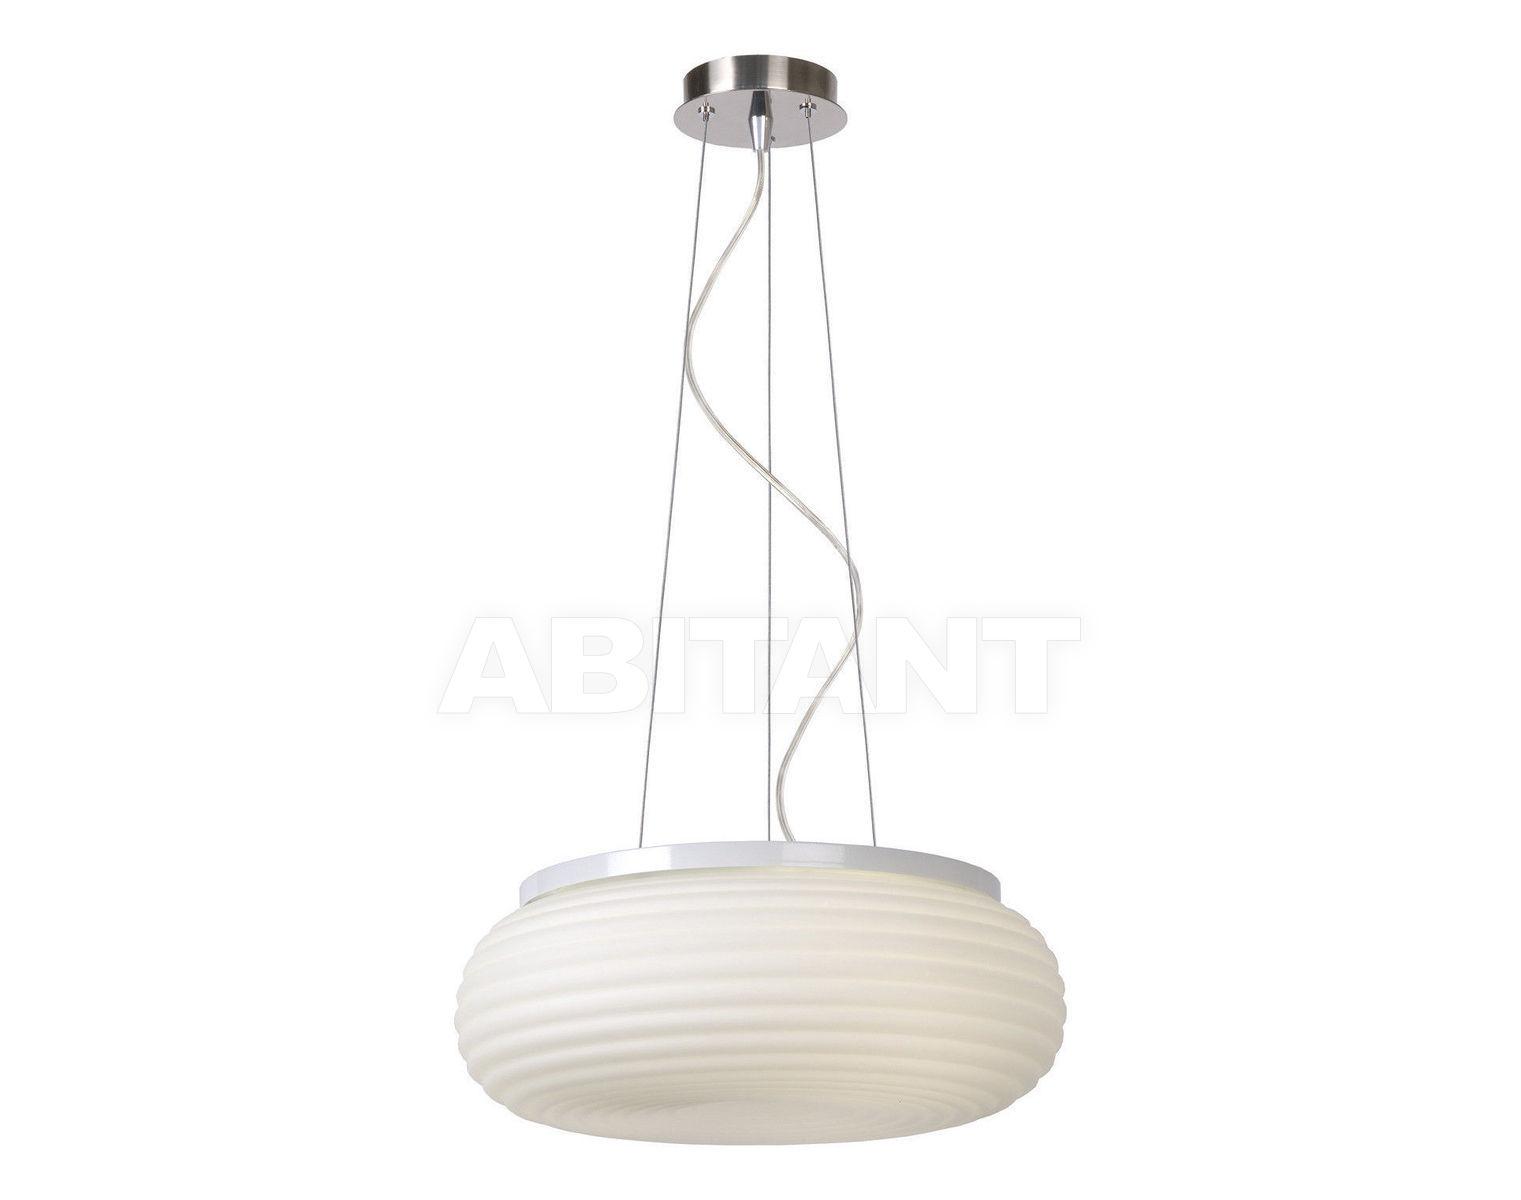 Купить Светильник RIBBI Lucide  Modern 31449/40/61